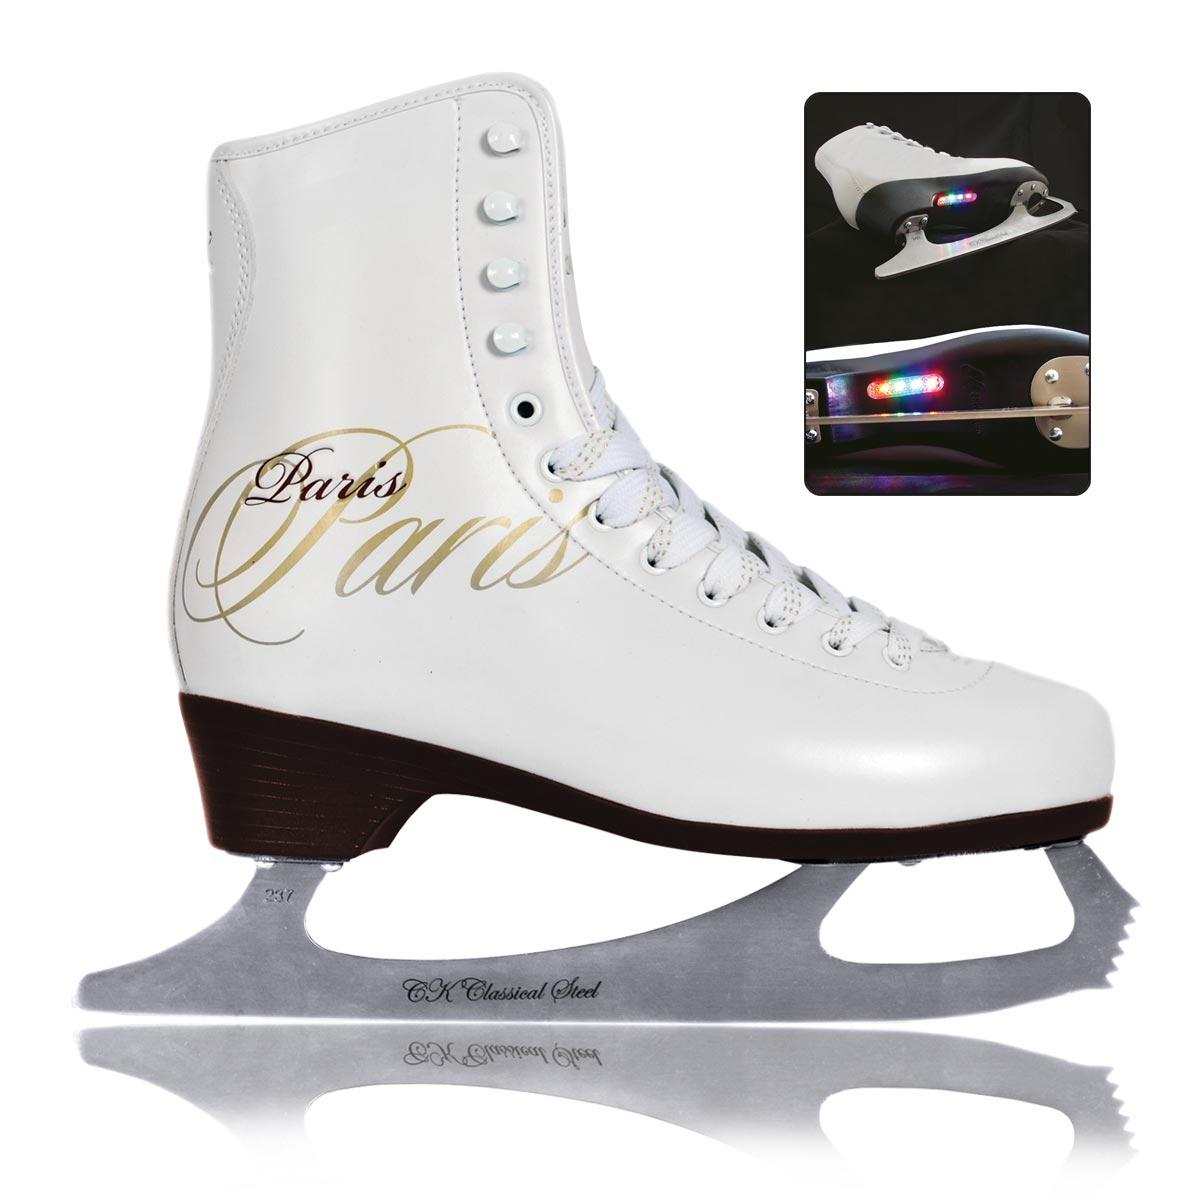 Коньки фигурные для девочки СК Paris Lux Fur, цвет: белый. Размер 34